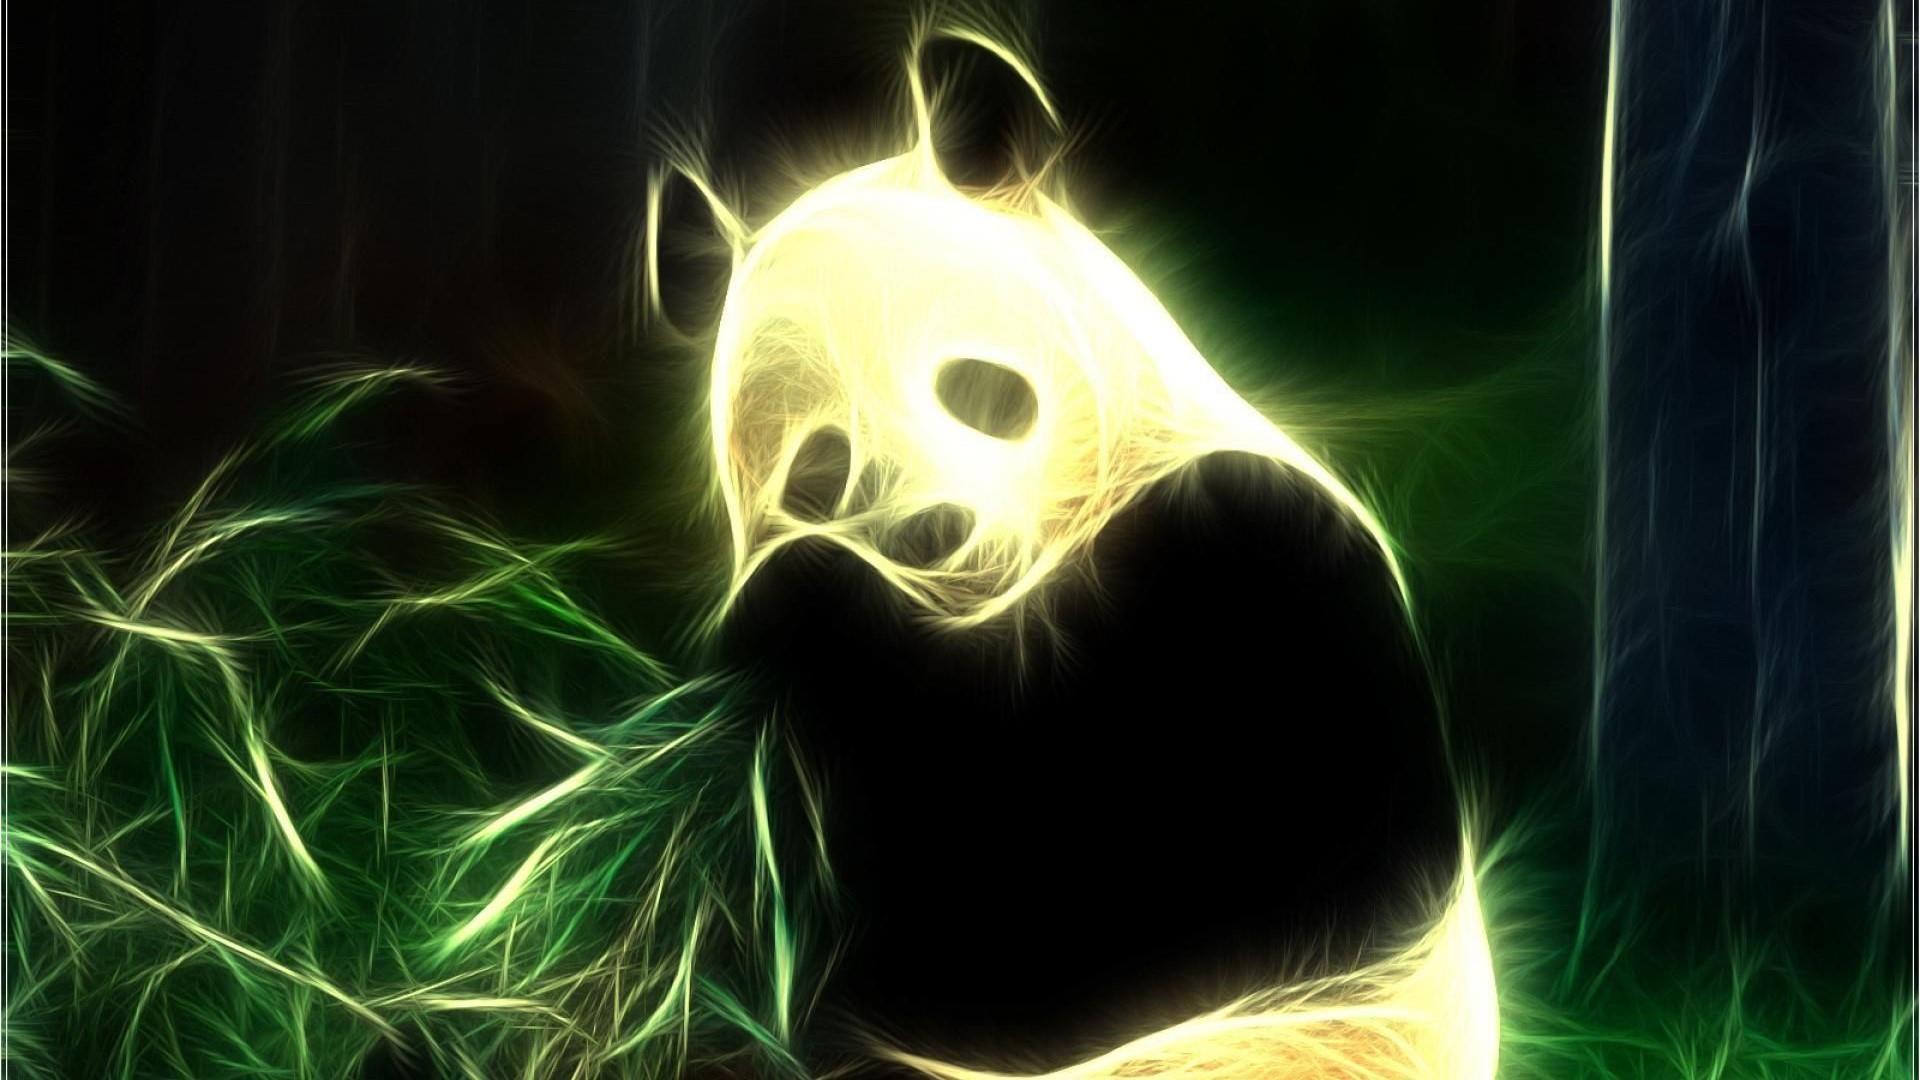 Neon Wallpapers Panda Wallpaper Cave